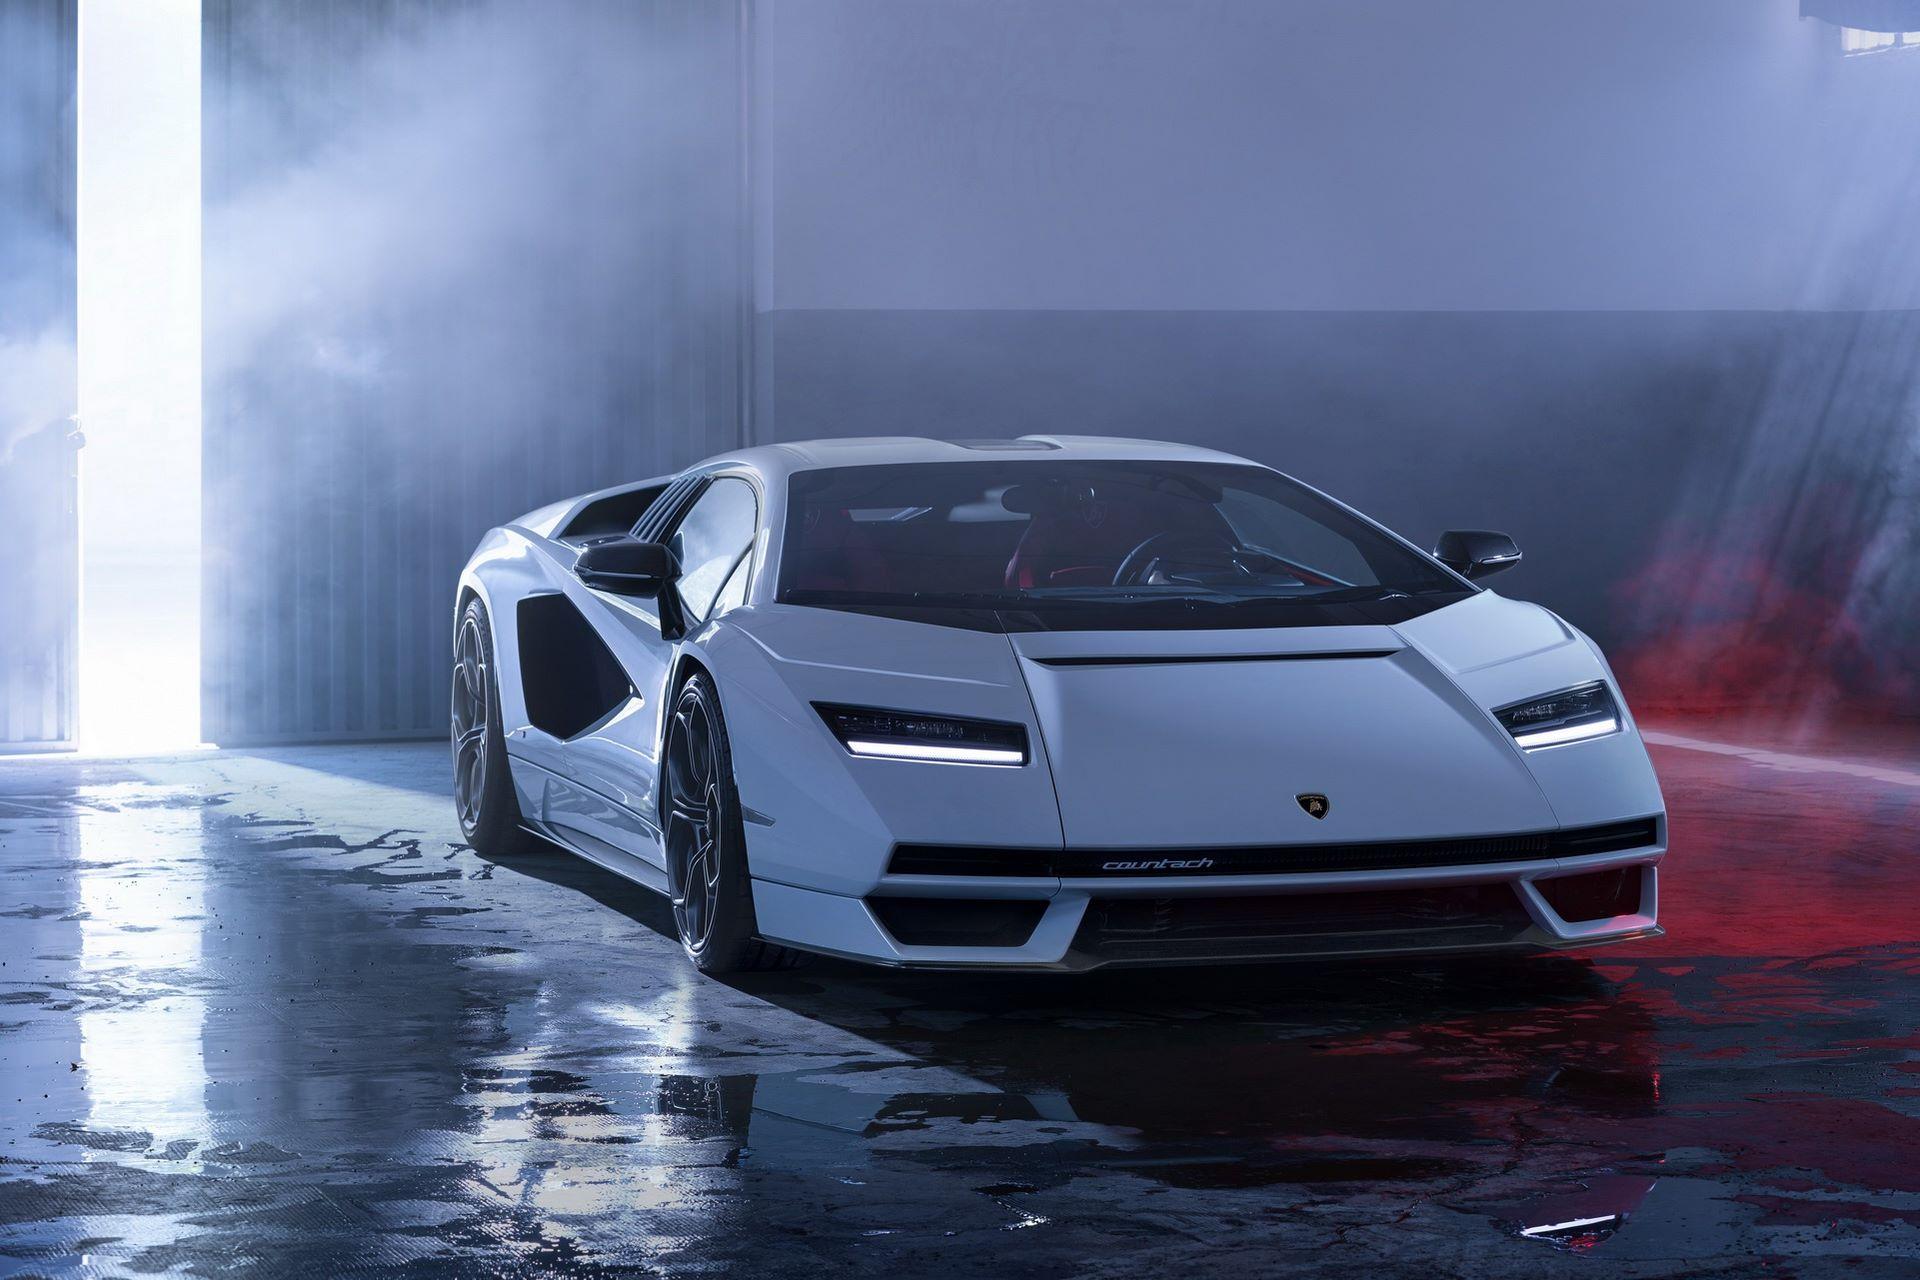 Lamborghini-Countach-LPI-800-4-84